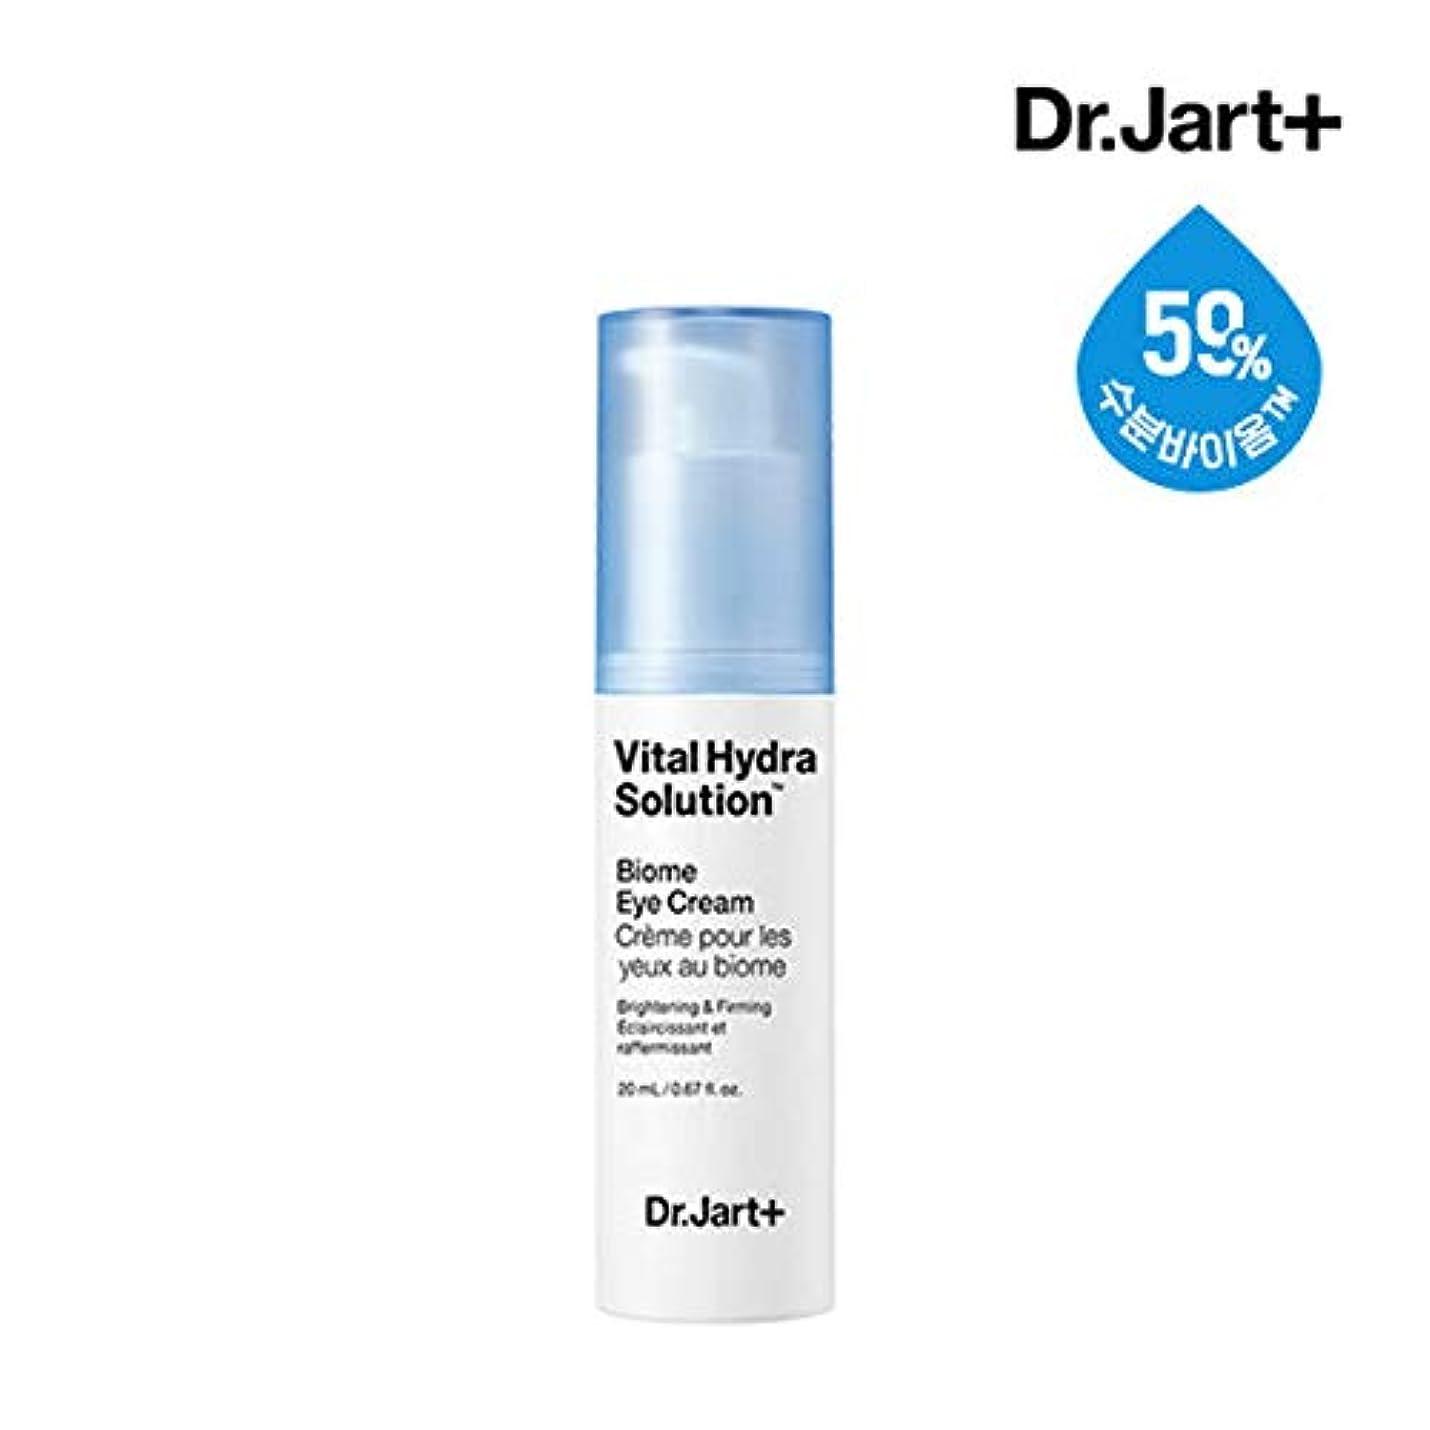 弱い賠償フィットドクタージャルトゥ[Dr.Jart+] バイタルハイドラソリューションバイオームアイクリーム20ml (Vital Hydra Solution Biome Eye Cream) / ブライトニング&ファーミング